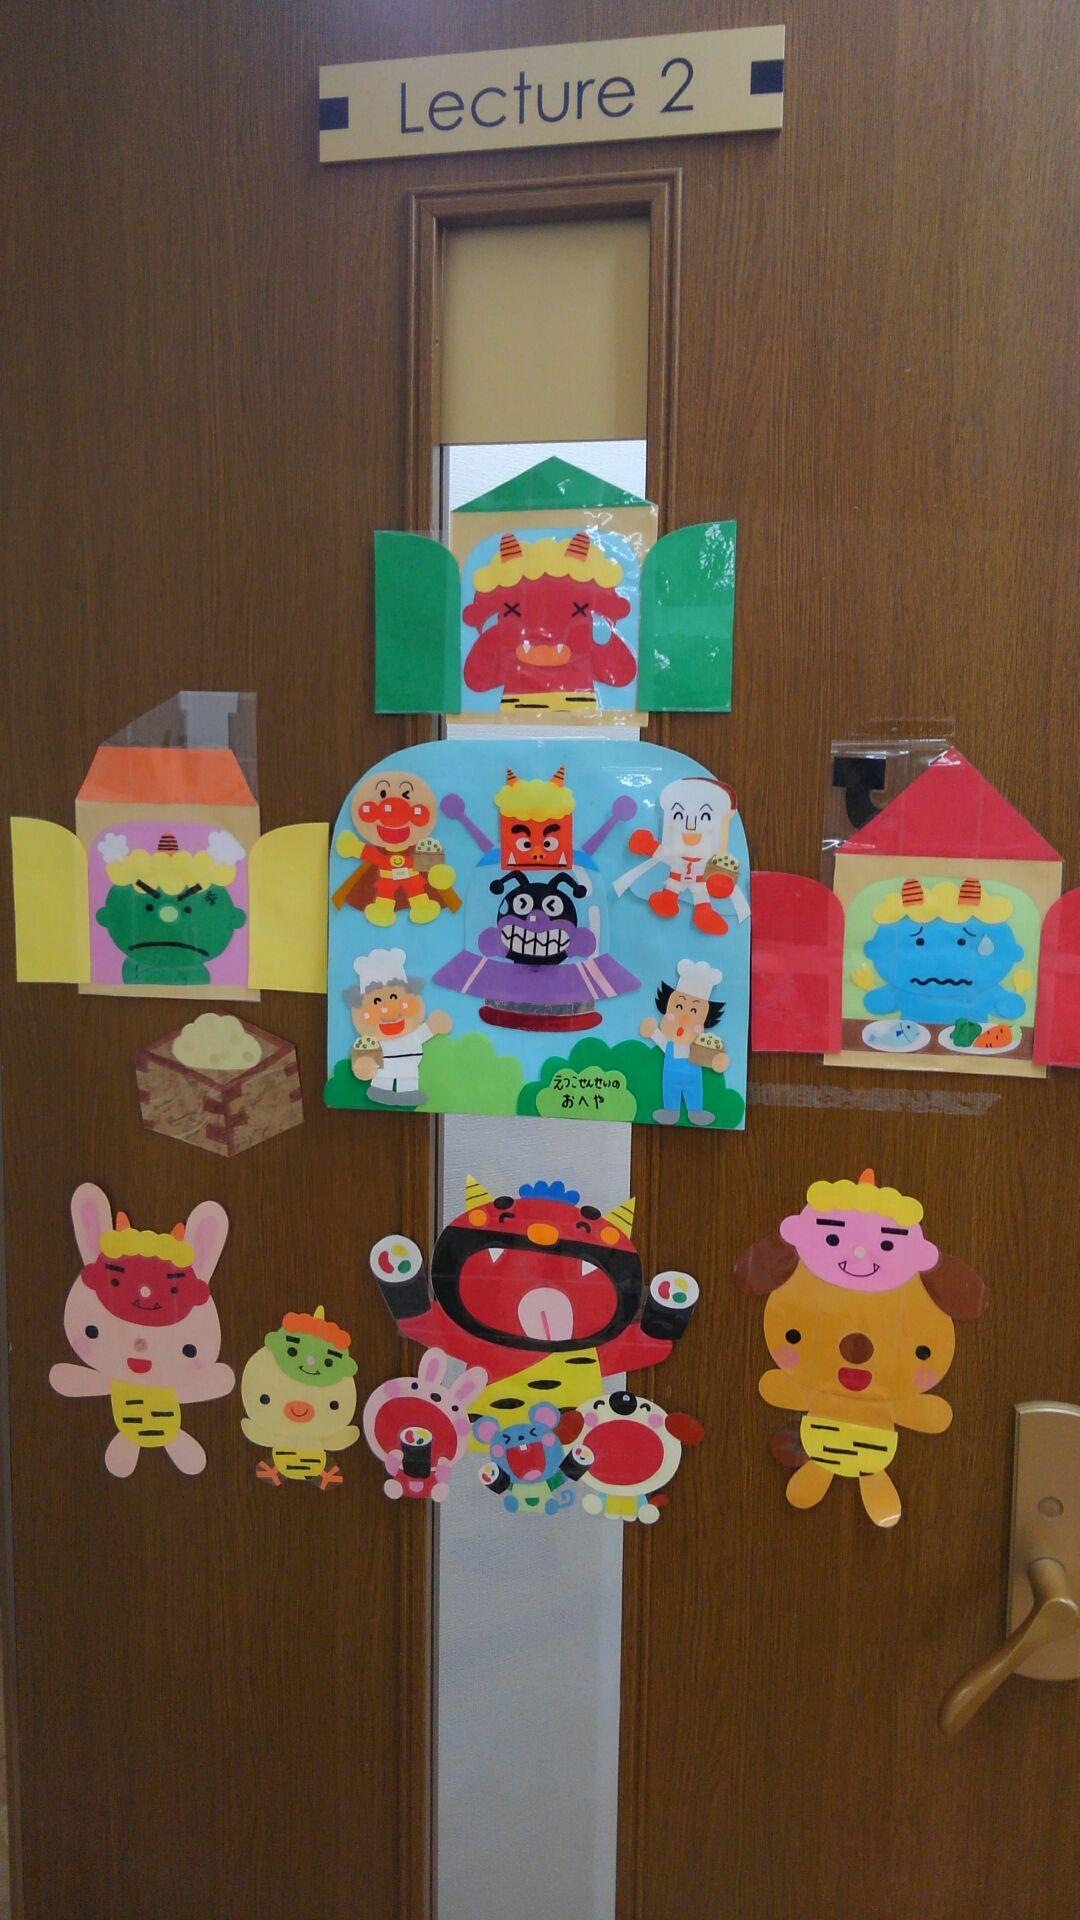 教室の扉に貼られた装飾の数々。鬼さん、豆、恵方巻など「節分」をテーマにした絵の他、アンパンマンのキャラクター達が豆まきをしているイラストも張られている。